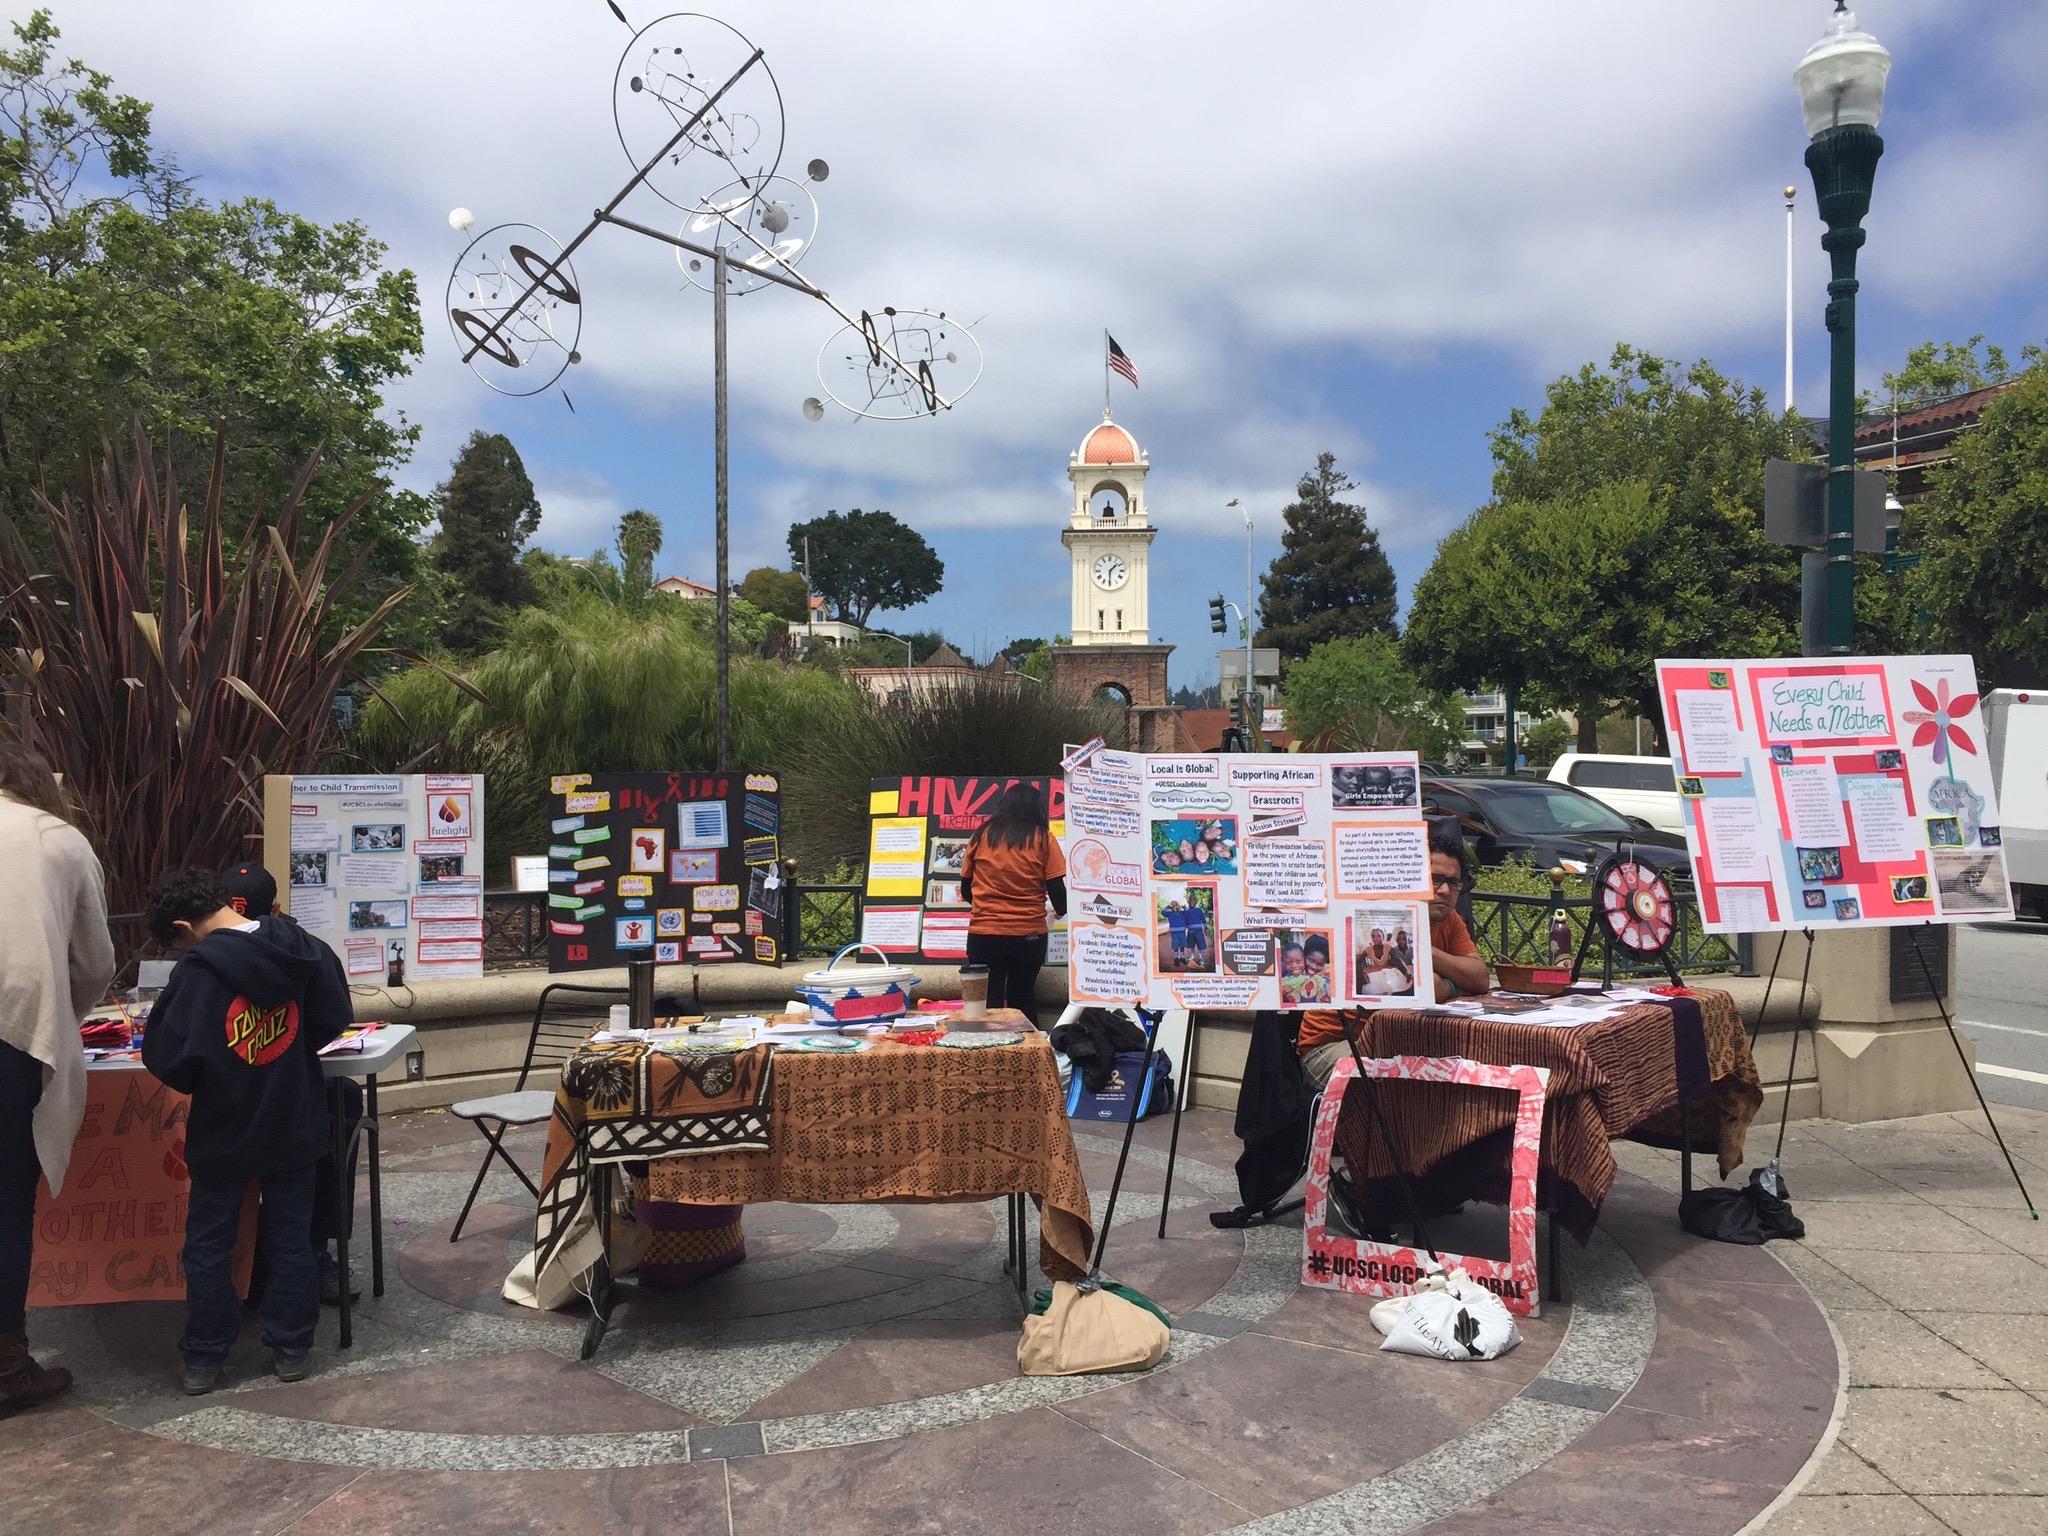 Our set-up downtown Santa Cruz, Saturday May 9